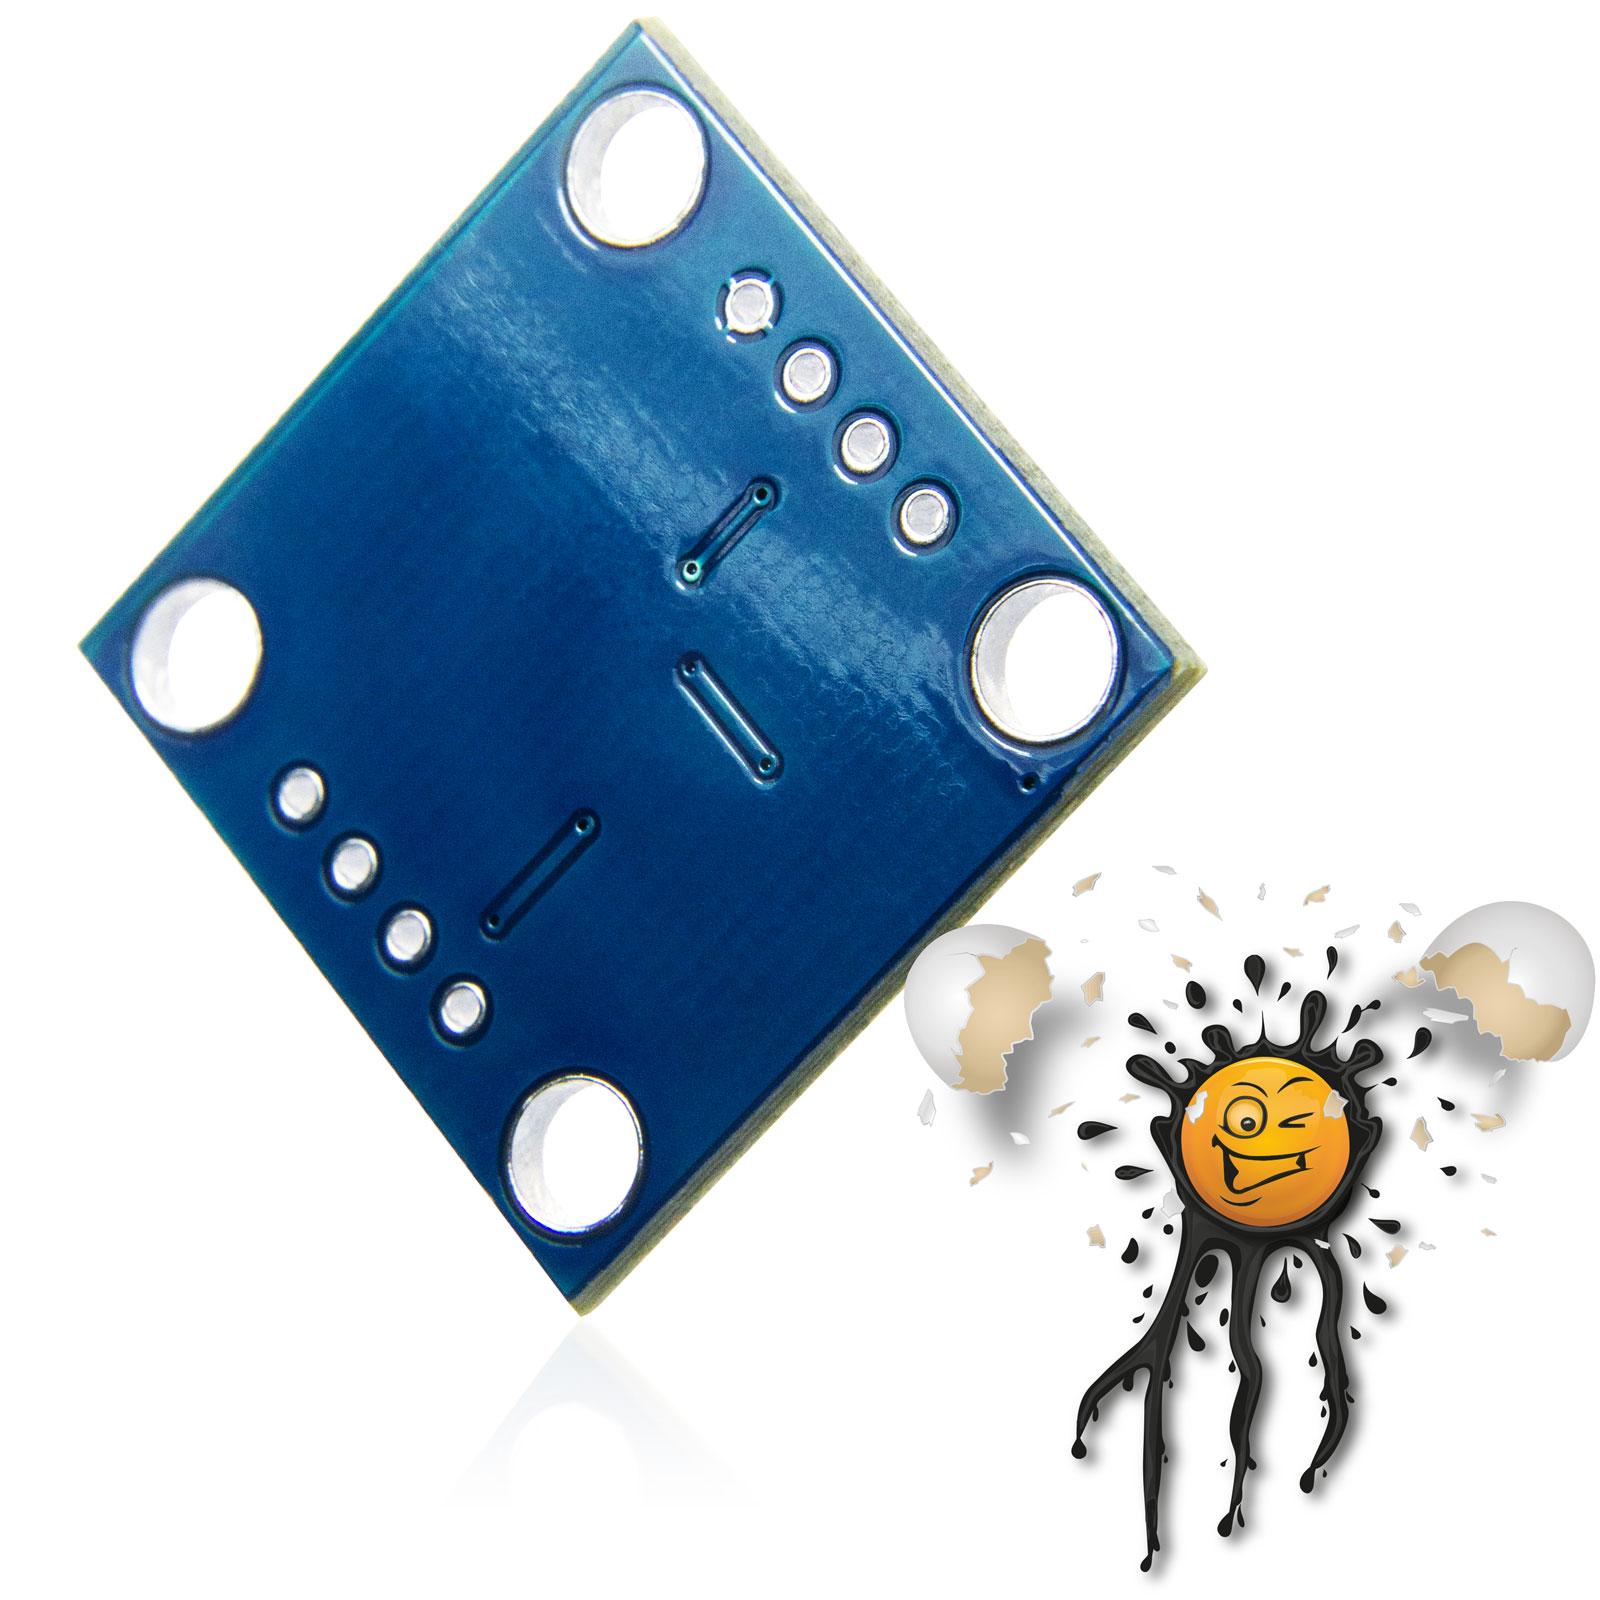 3-axis IMU accelerometer sensor module